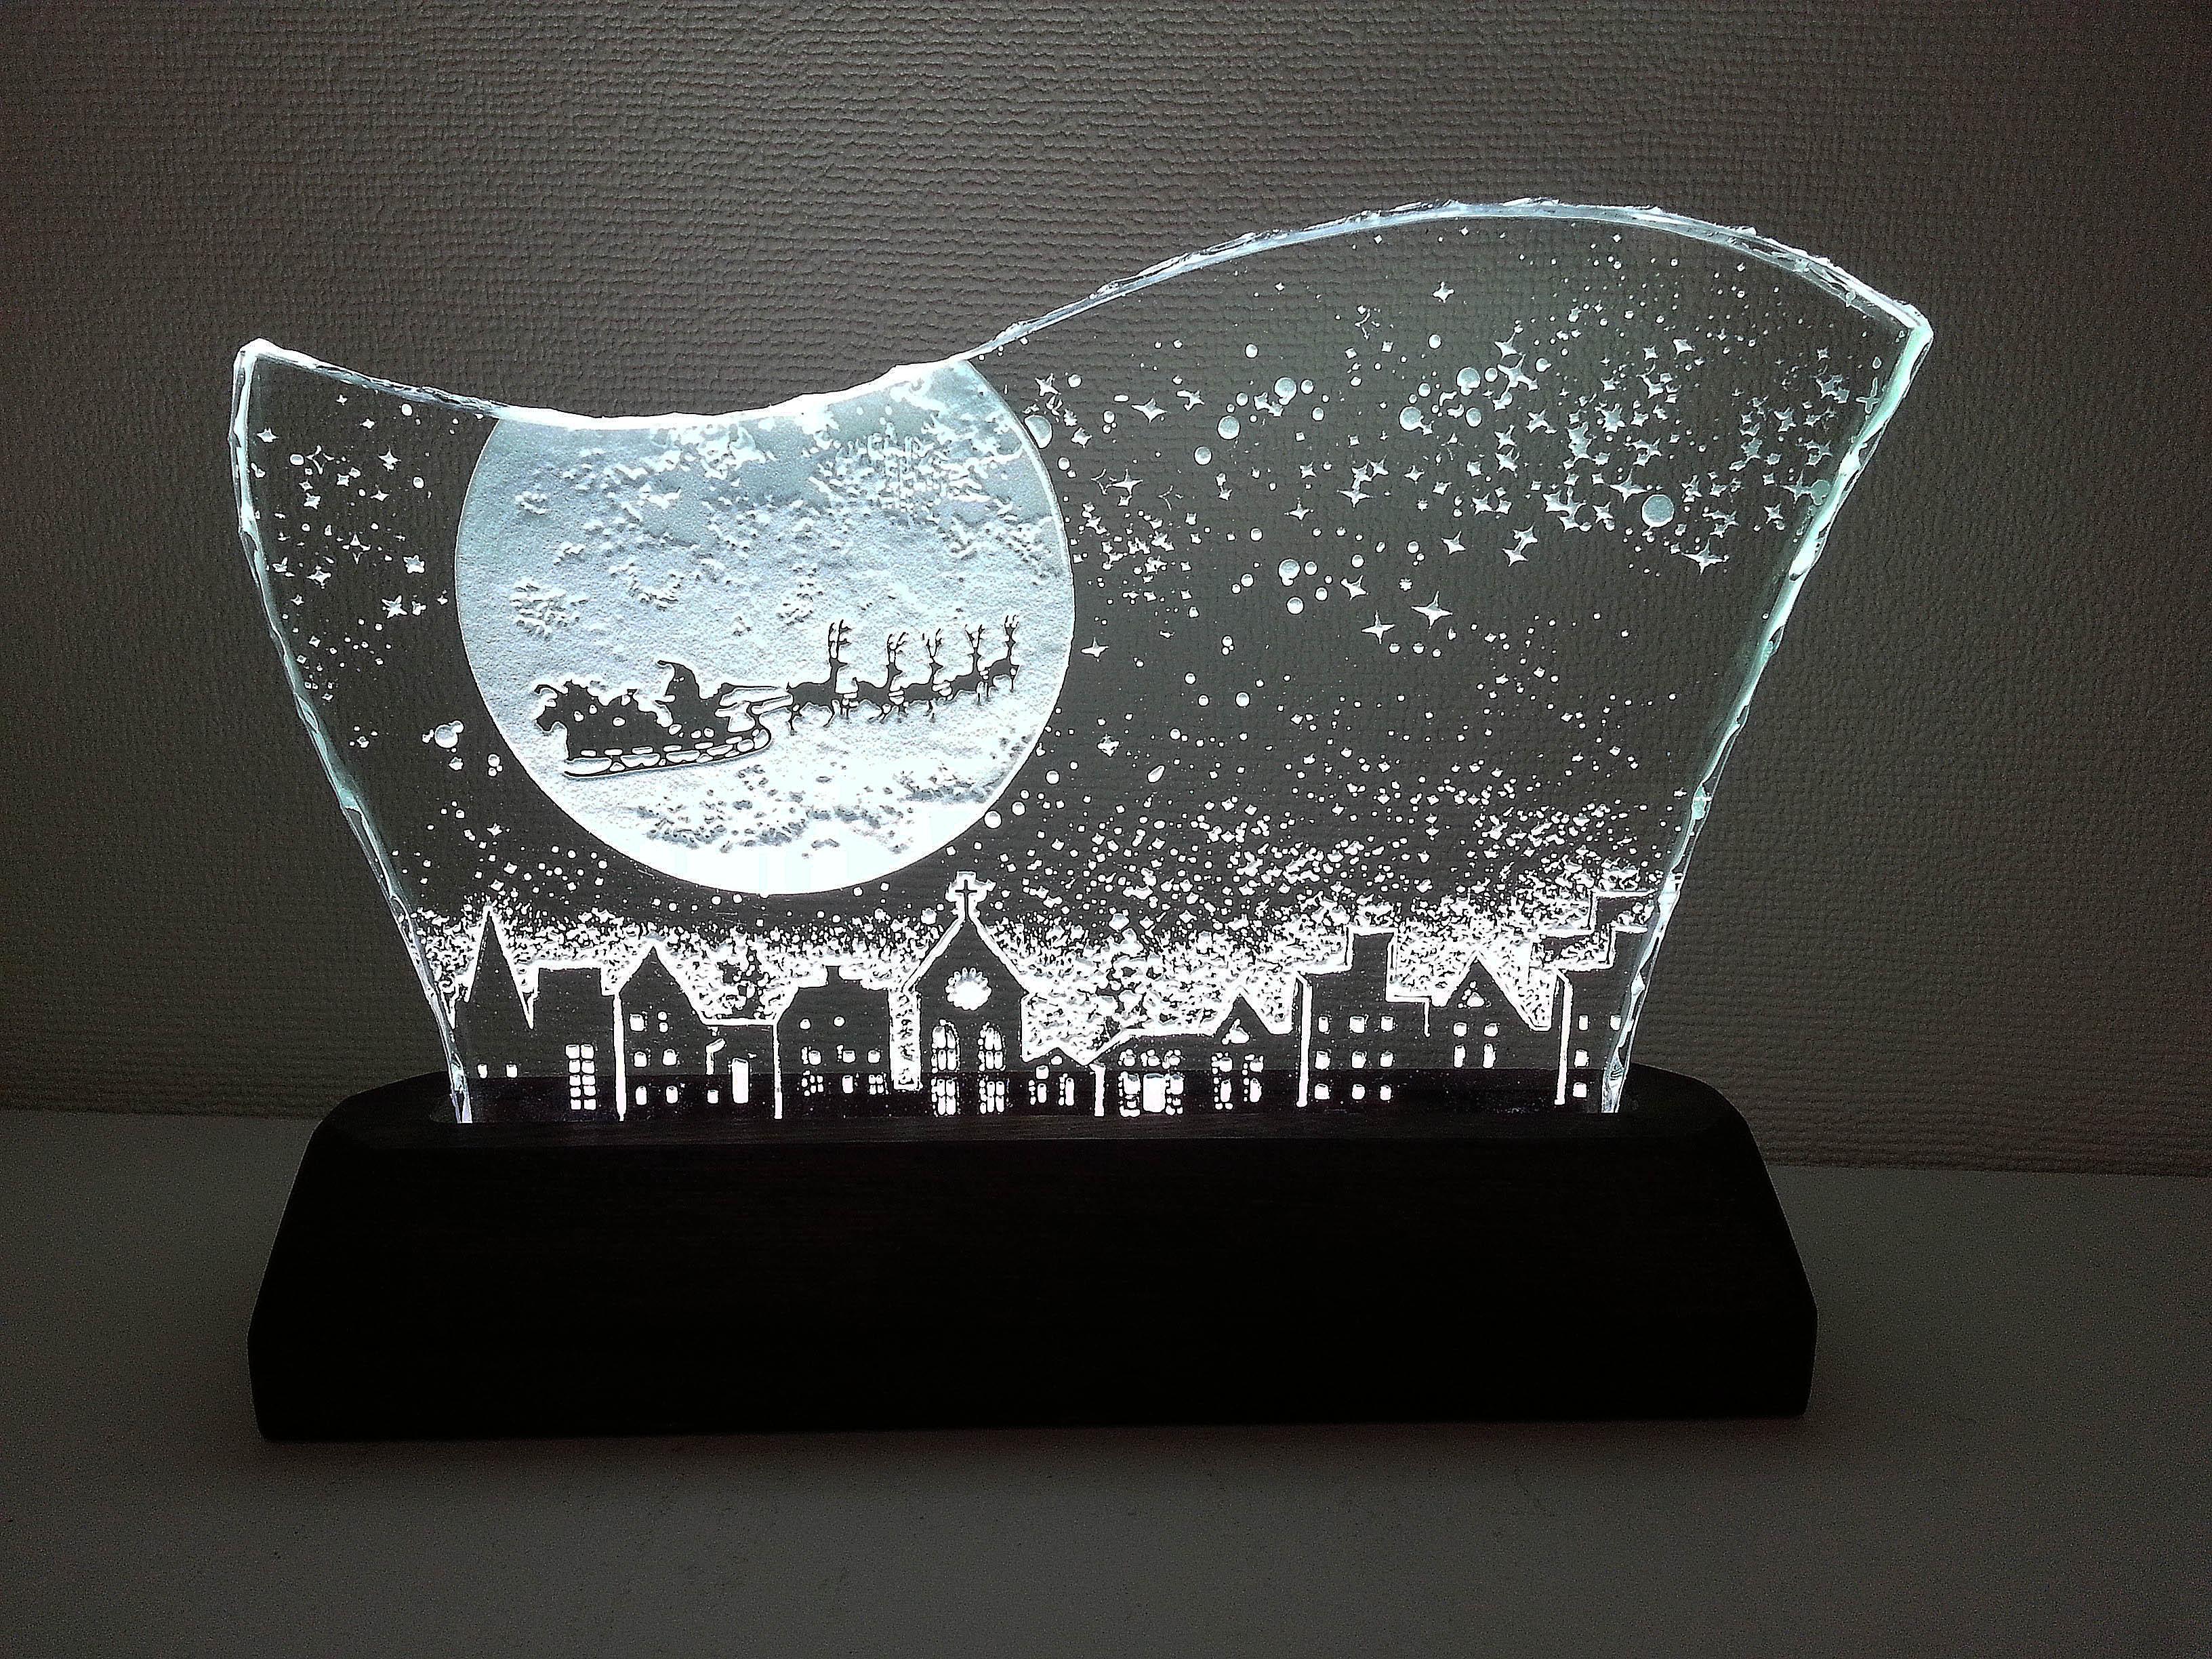 クリスマスのガラスエッチングパネル Lサイズ・LEDスタンドセット